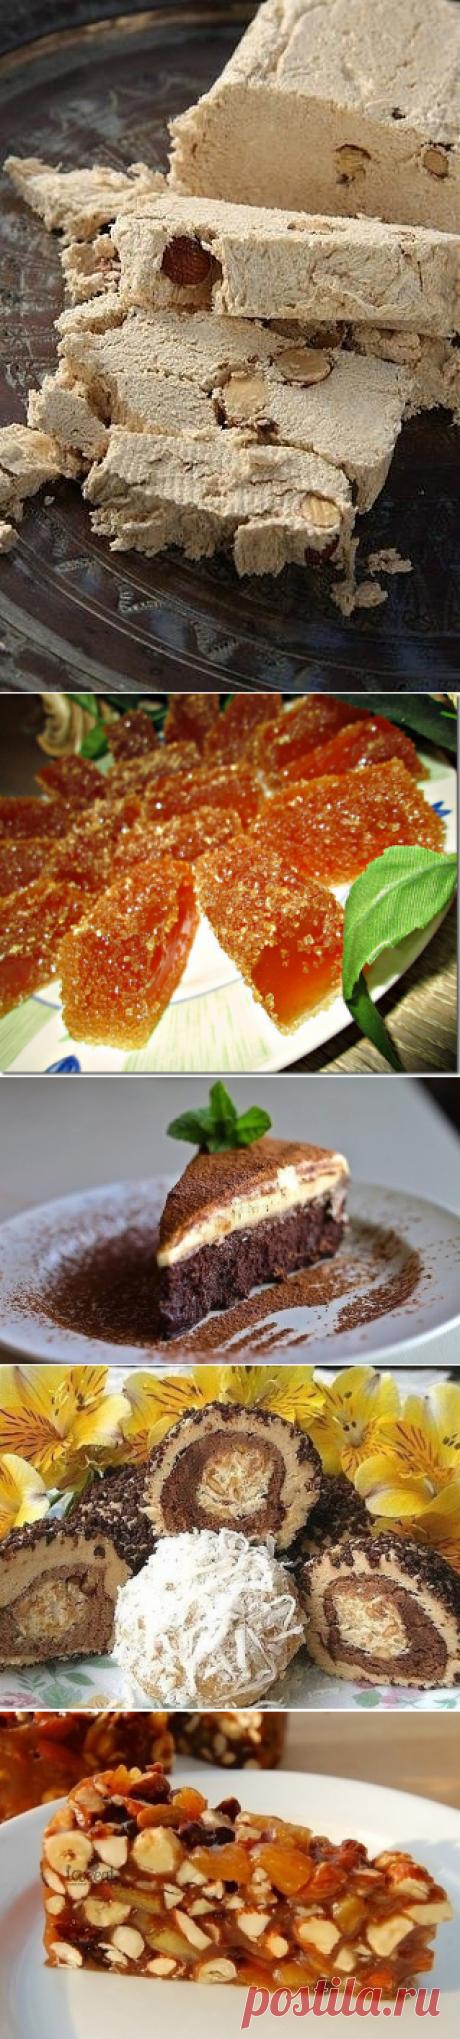 25 рецептов десертов